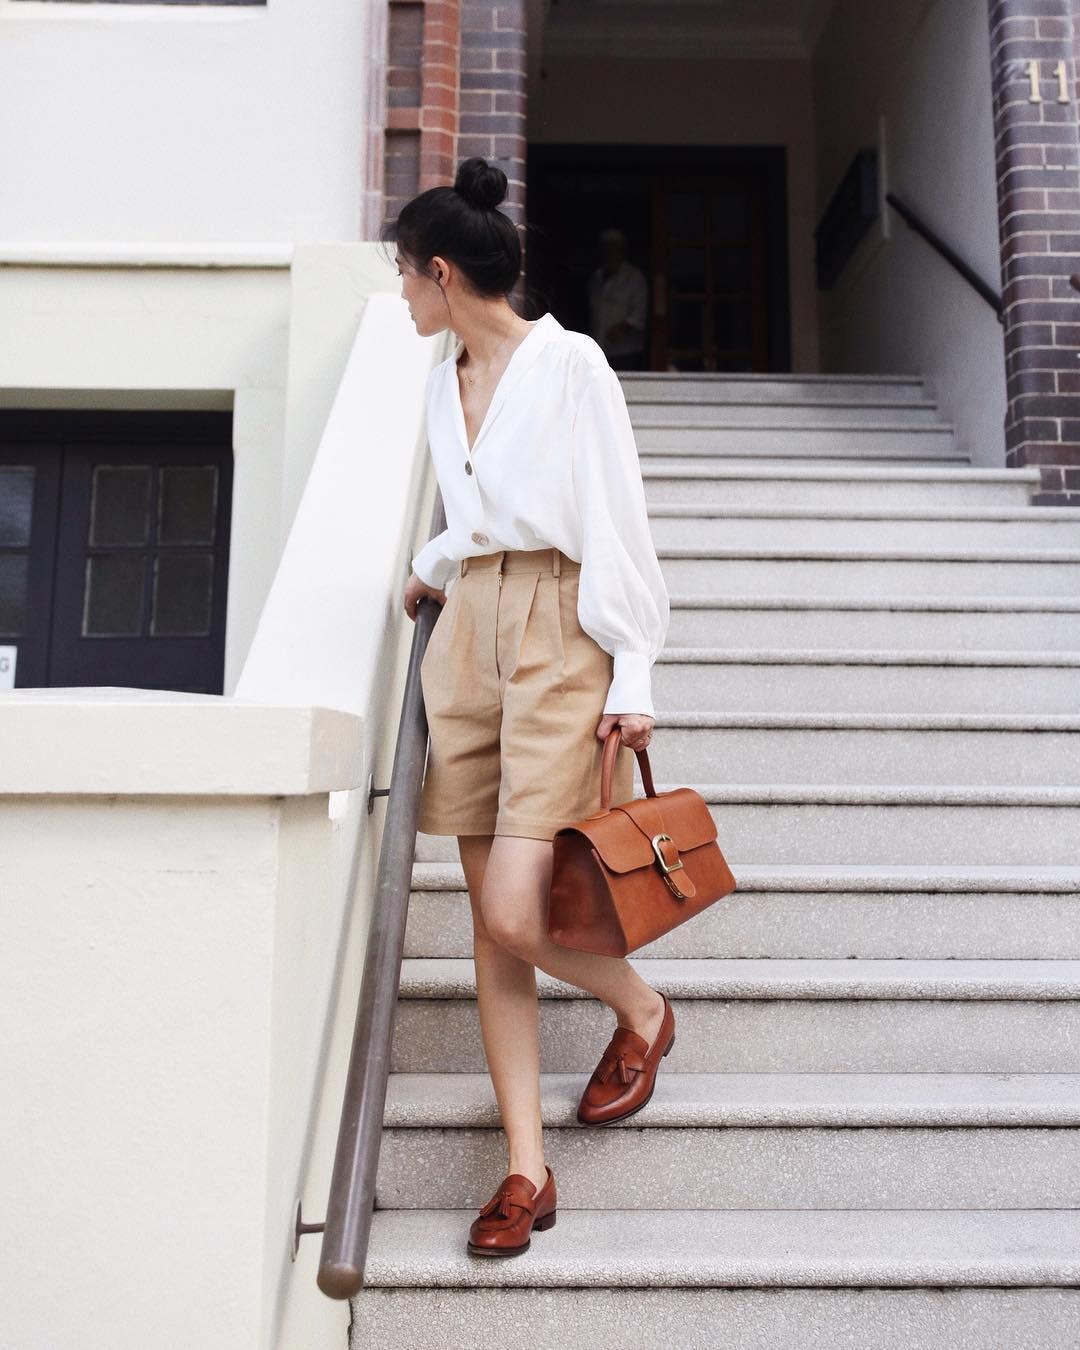 Nóng quá thì nàng công sở cứ mạnh dạn diện quần shorts nhưng để bảo toàn sự tinh tế, hãy tham khảo vài tips sau - Ảnh 5